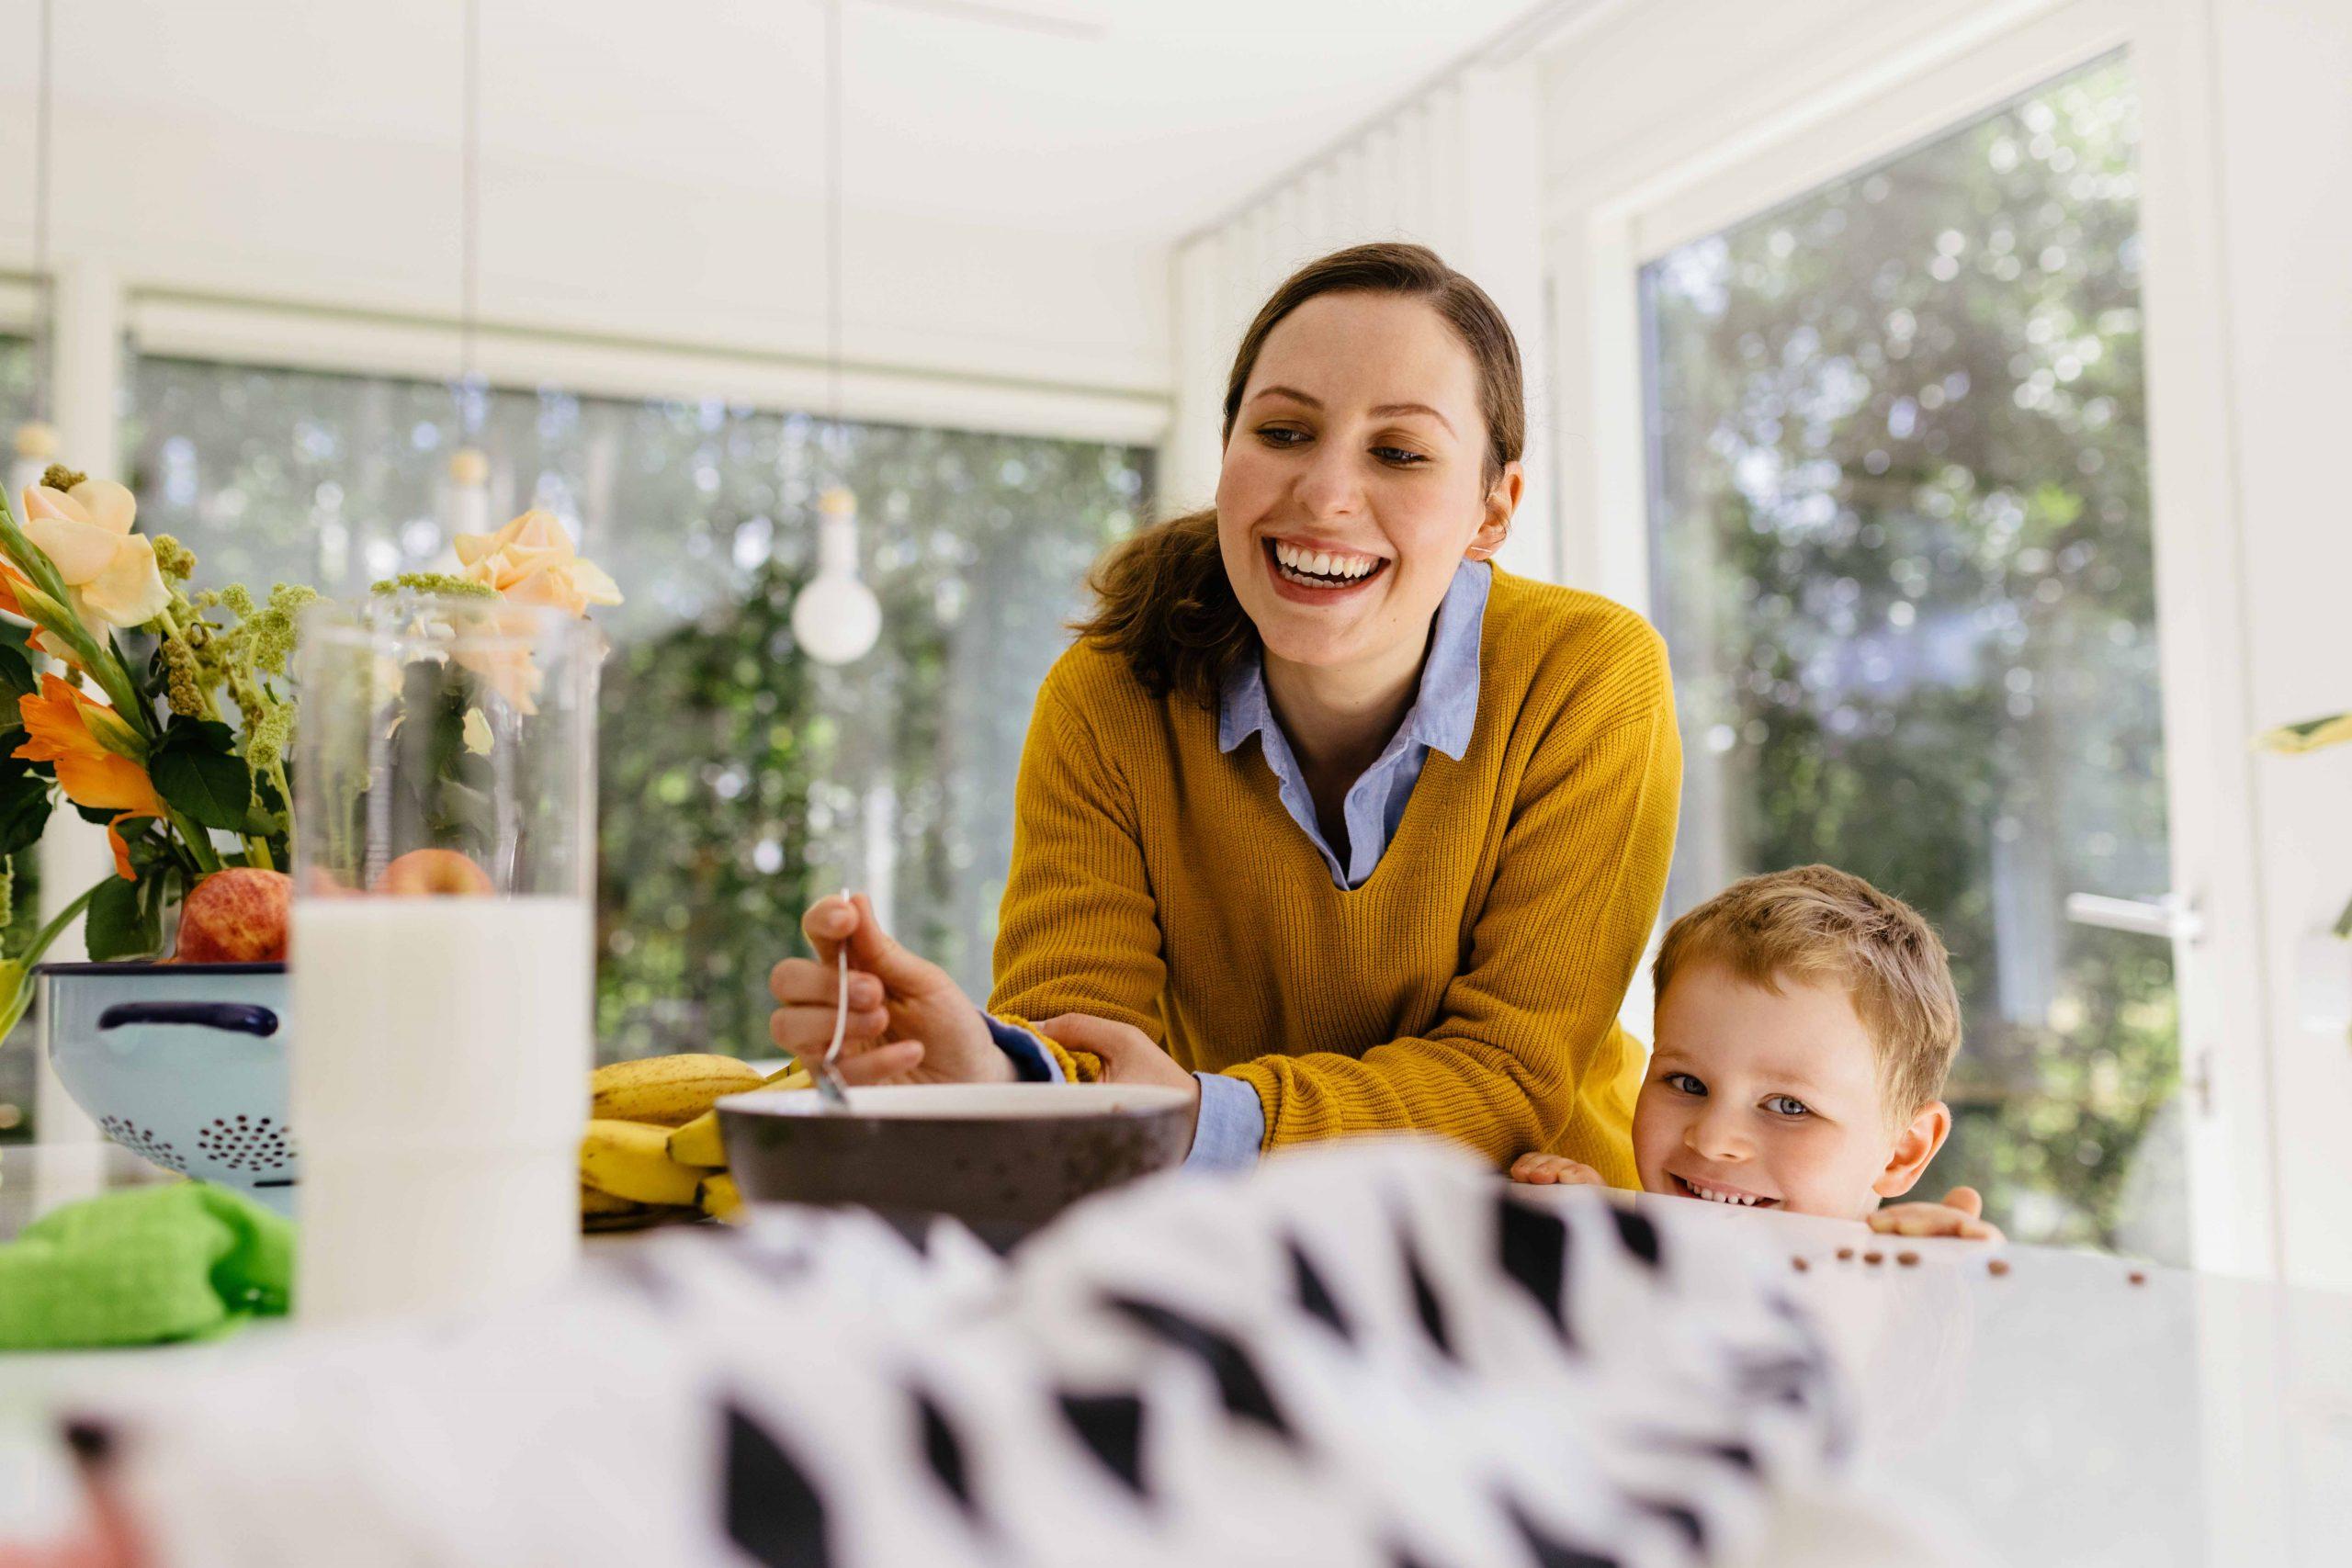 nainen ja lapsi ruokapöydän ääressä